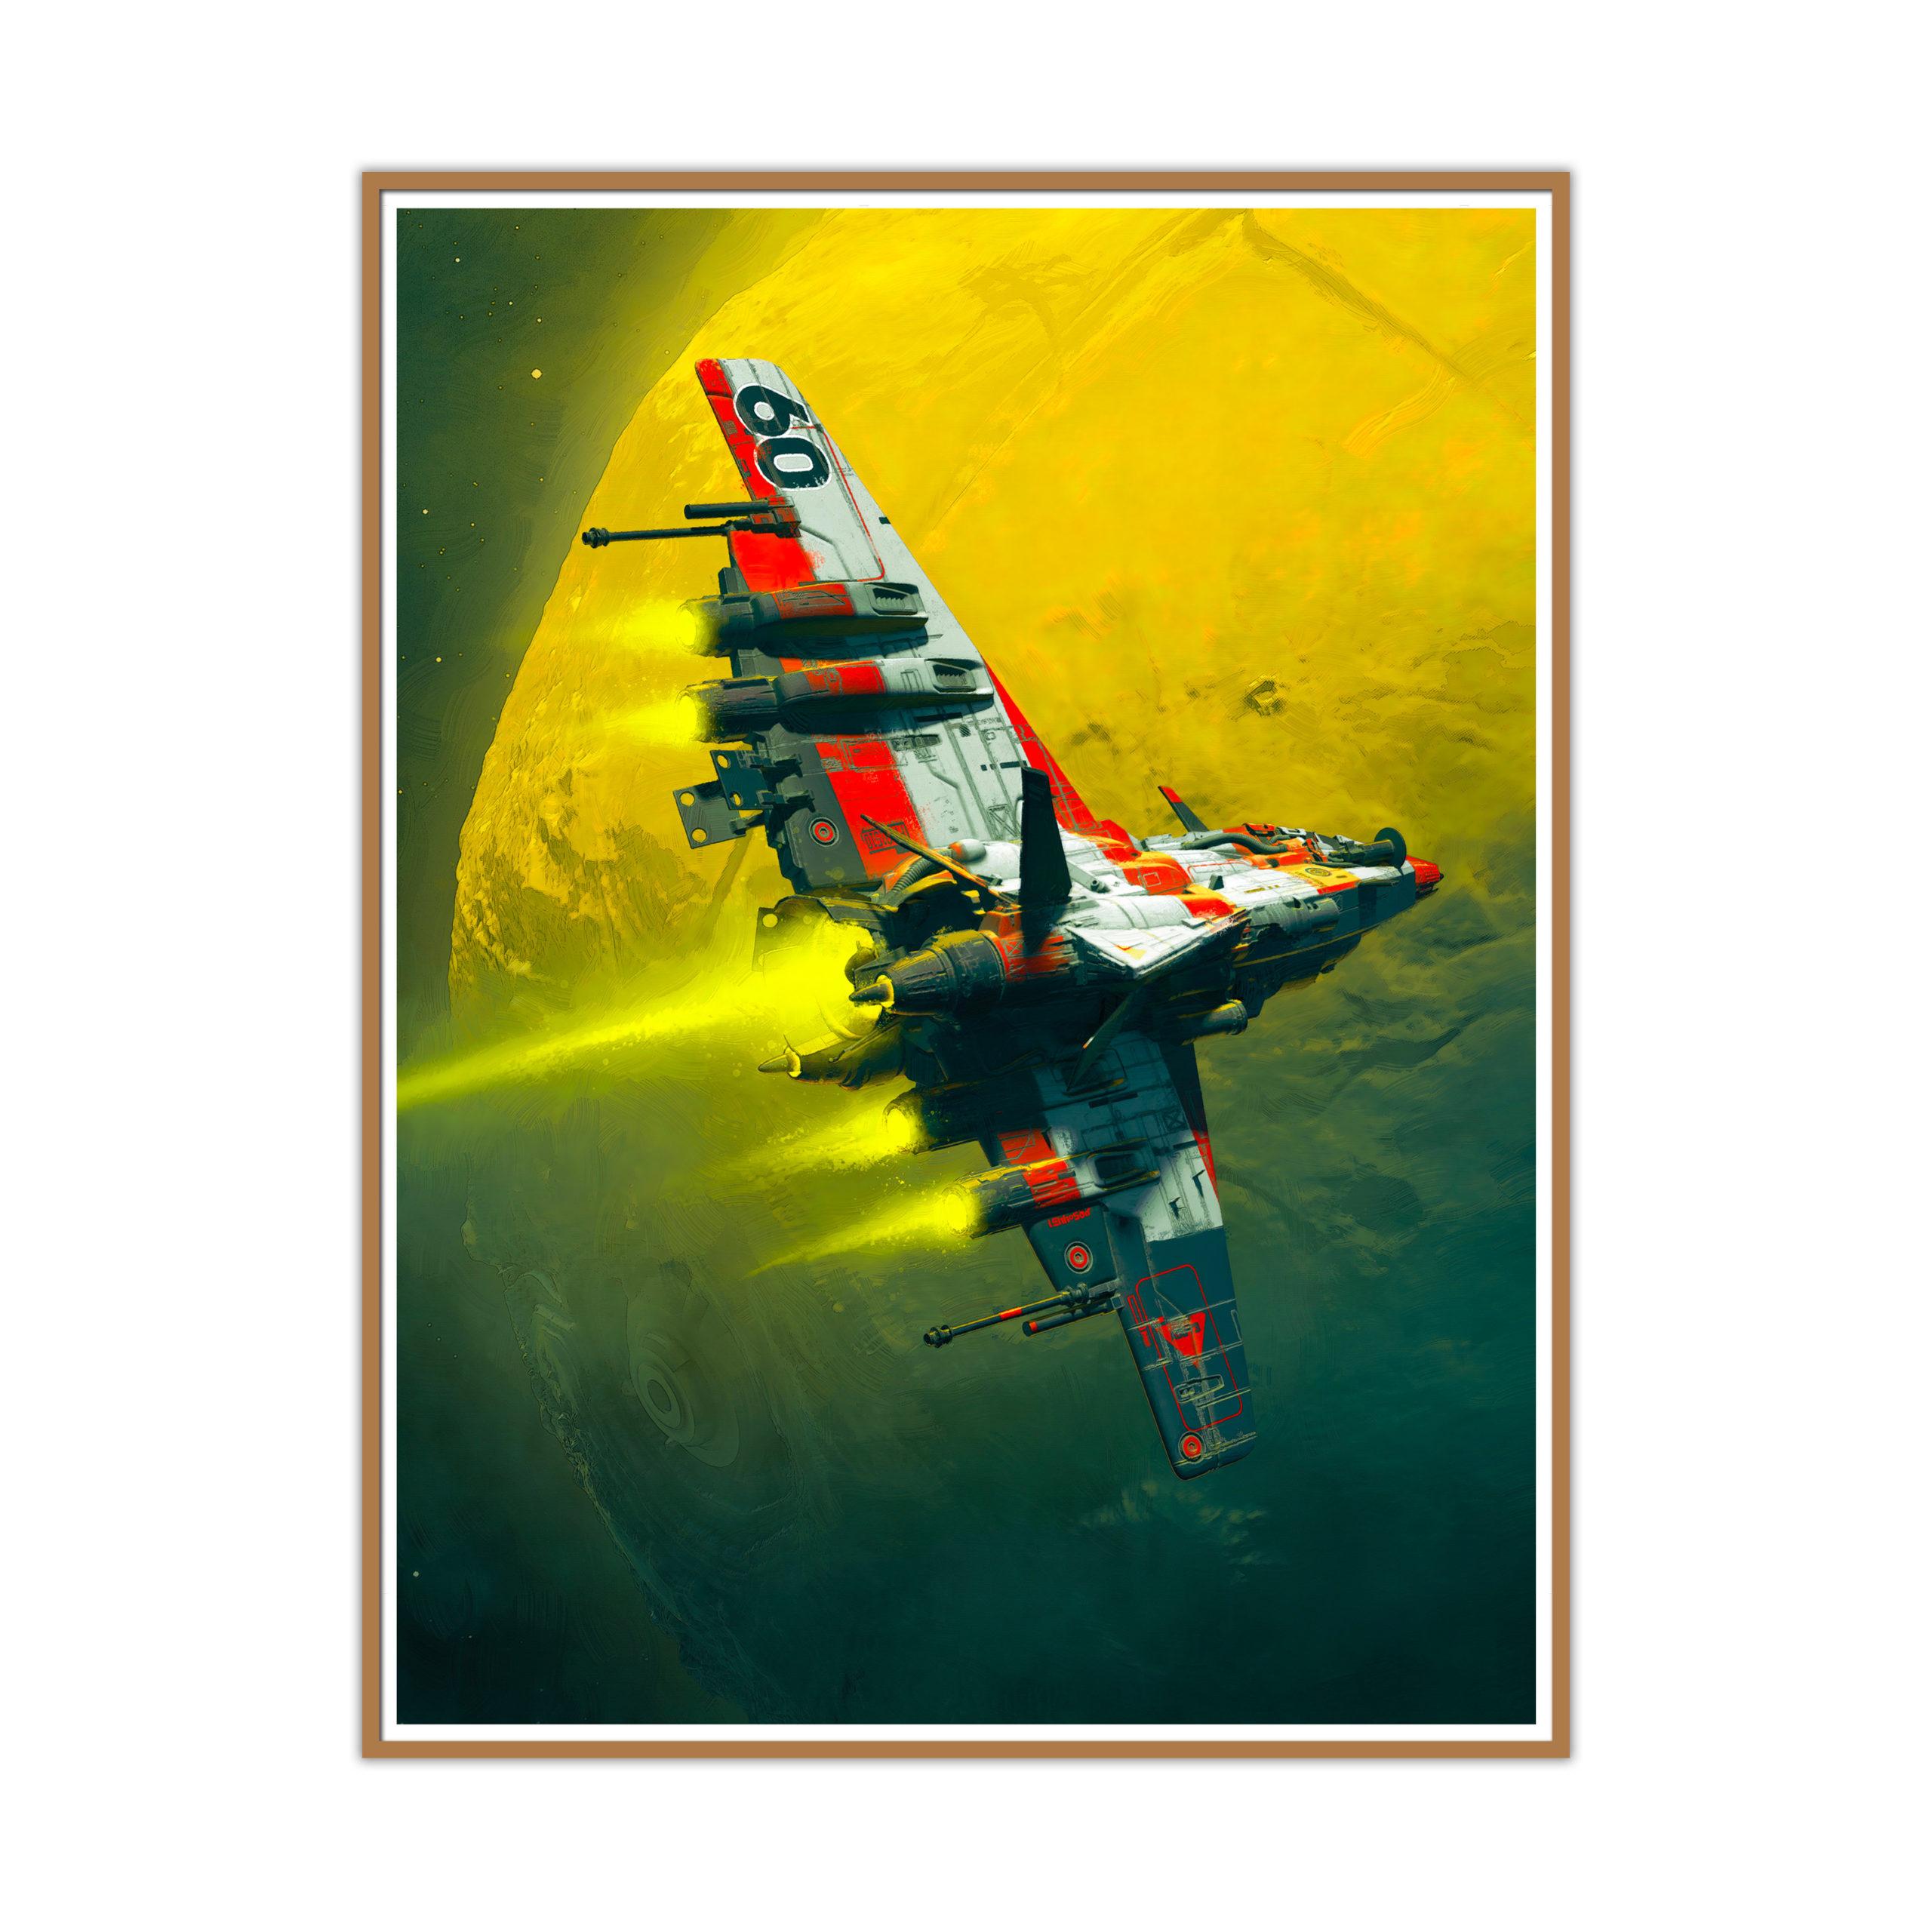 Angel Fish de Pascal Blanché : tirage premium encadré fourni avec le NFT